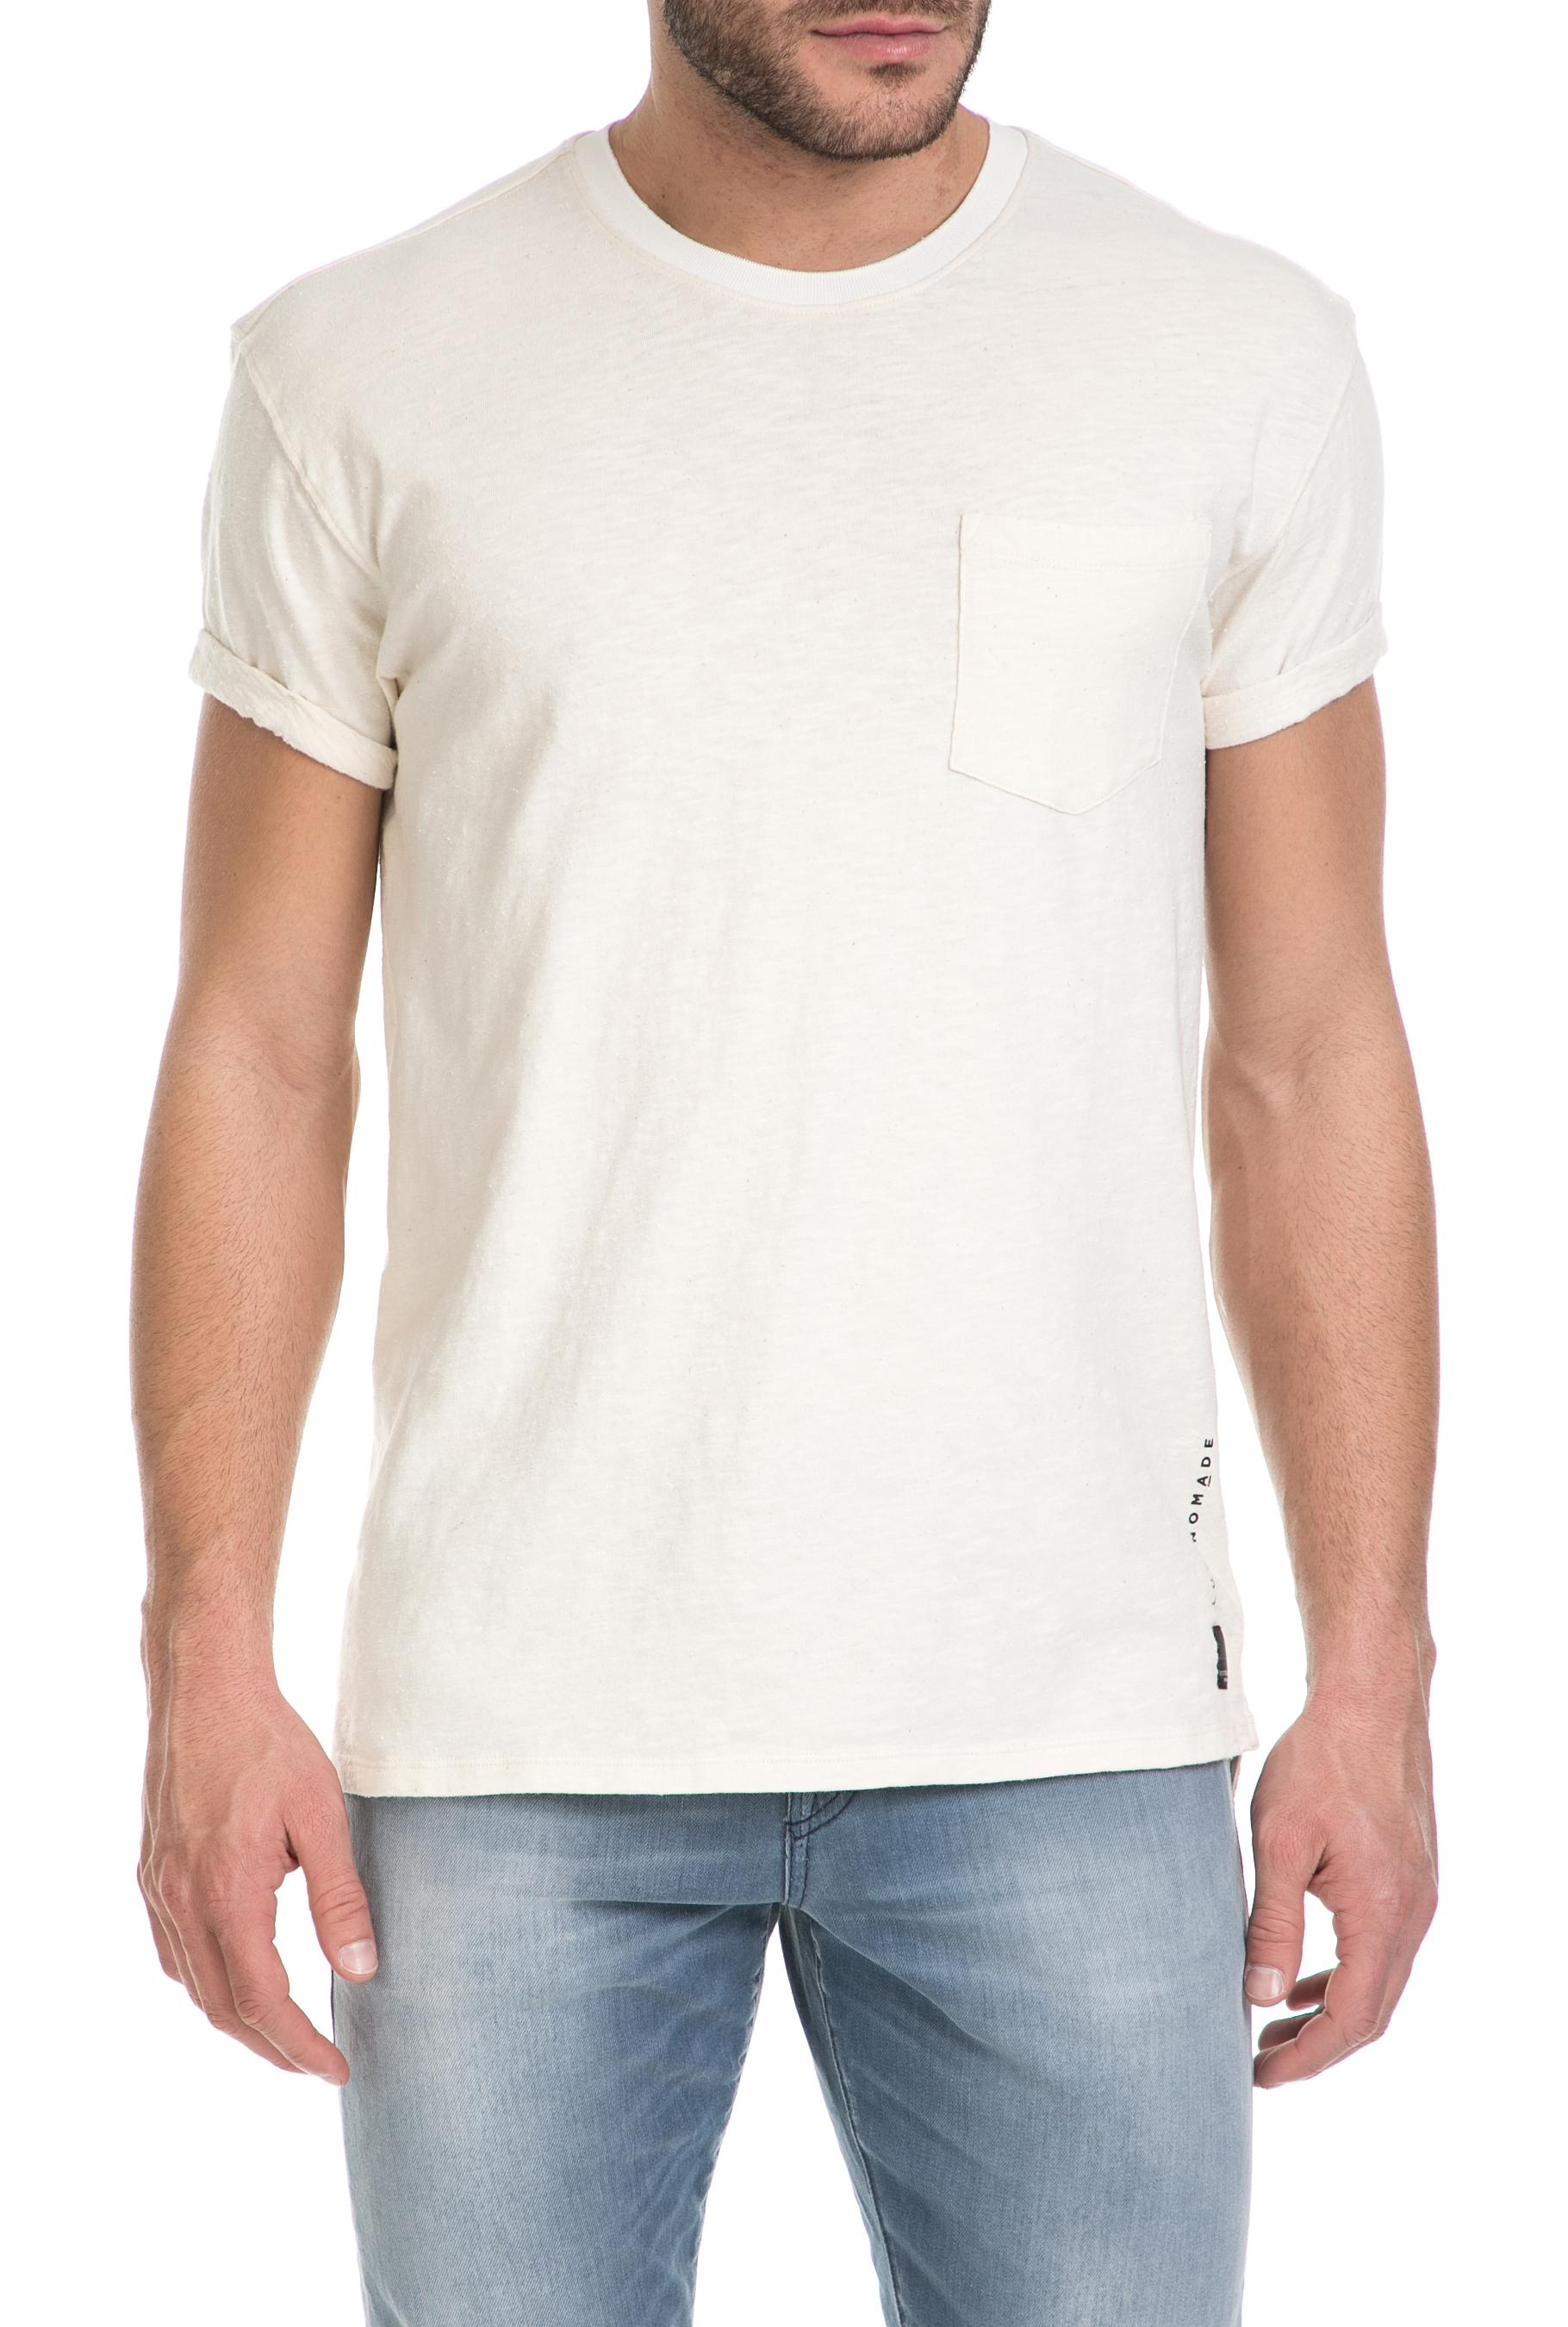 SCOTCH & SODA - Ανδρικό t-shirt CLUB NOMADE SCOTCH & SODA εκρού ανδρικά ρούχα μπλούζες κοντομάνικες